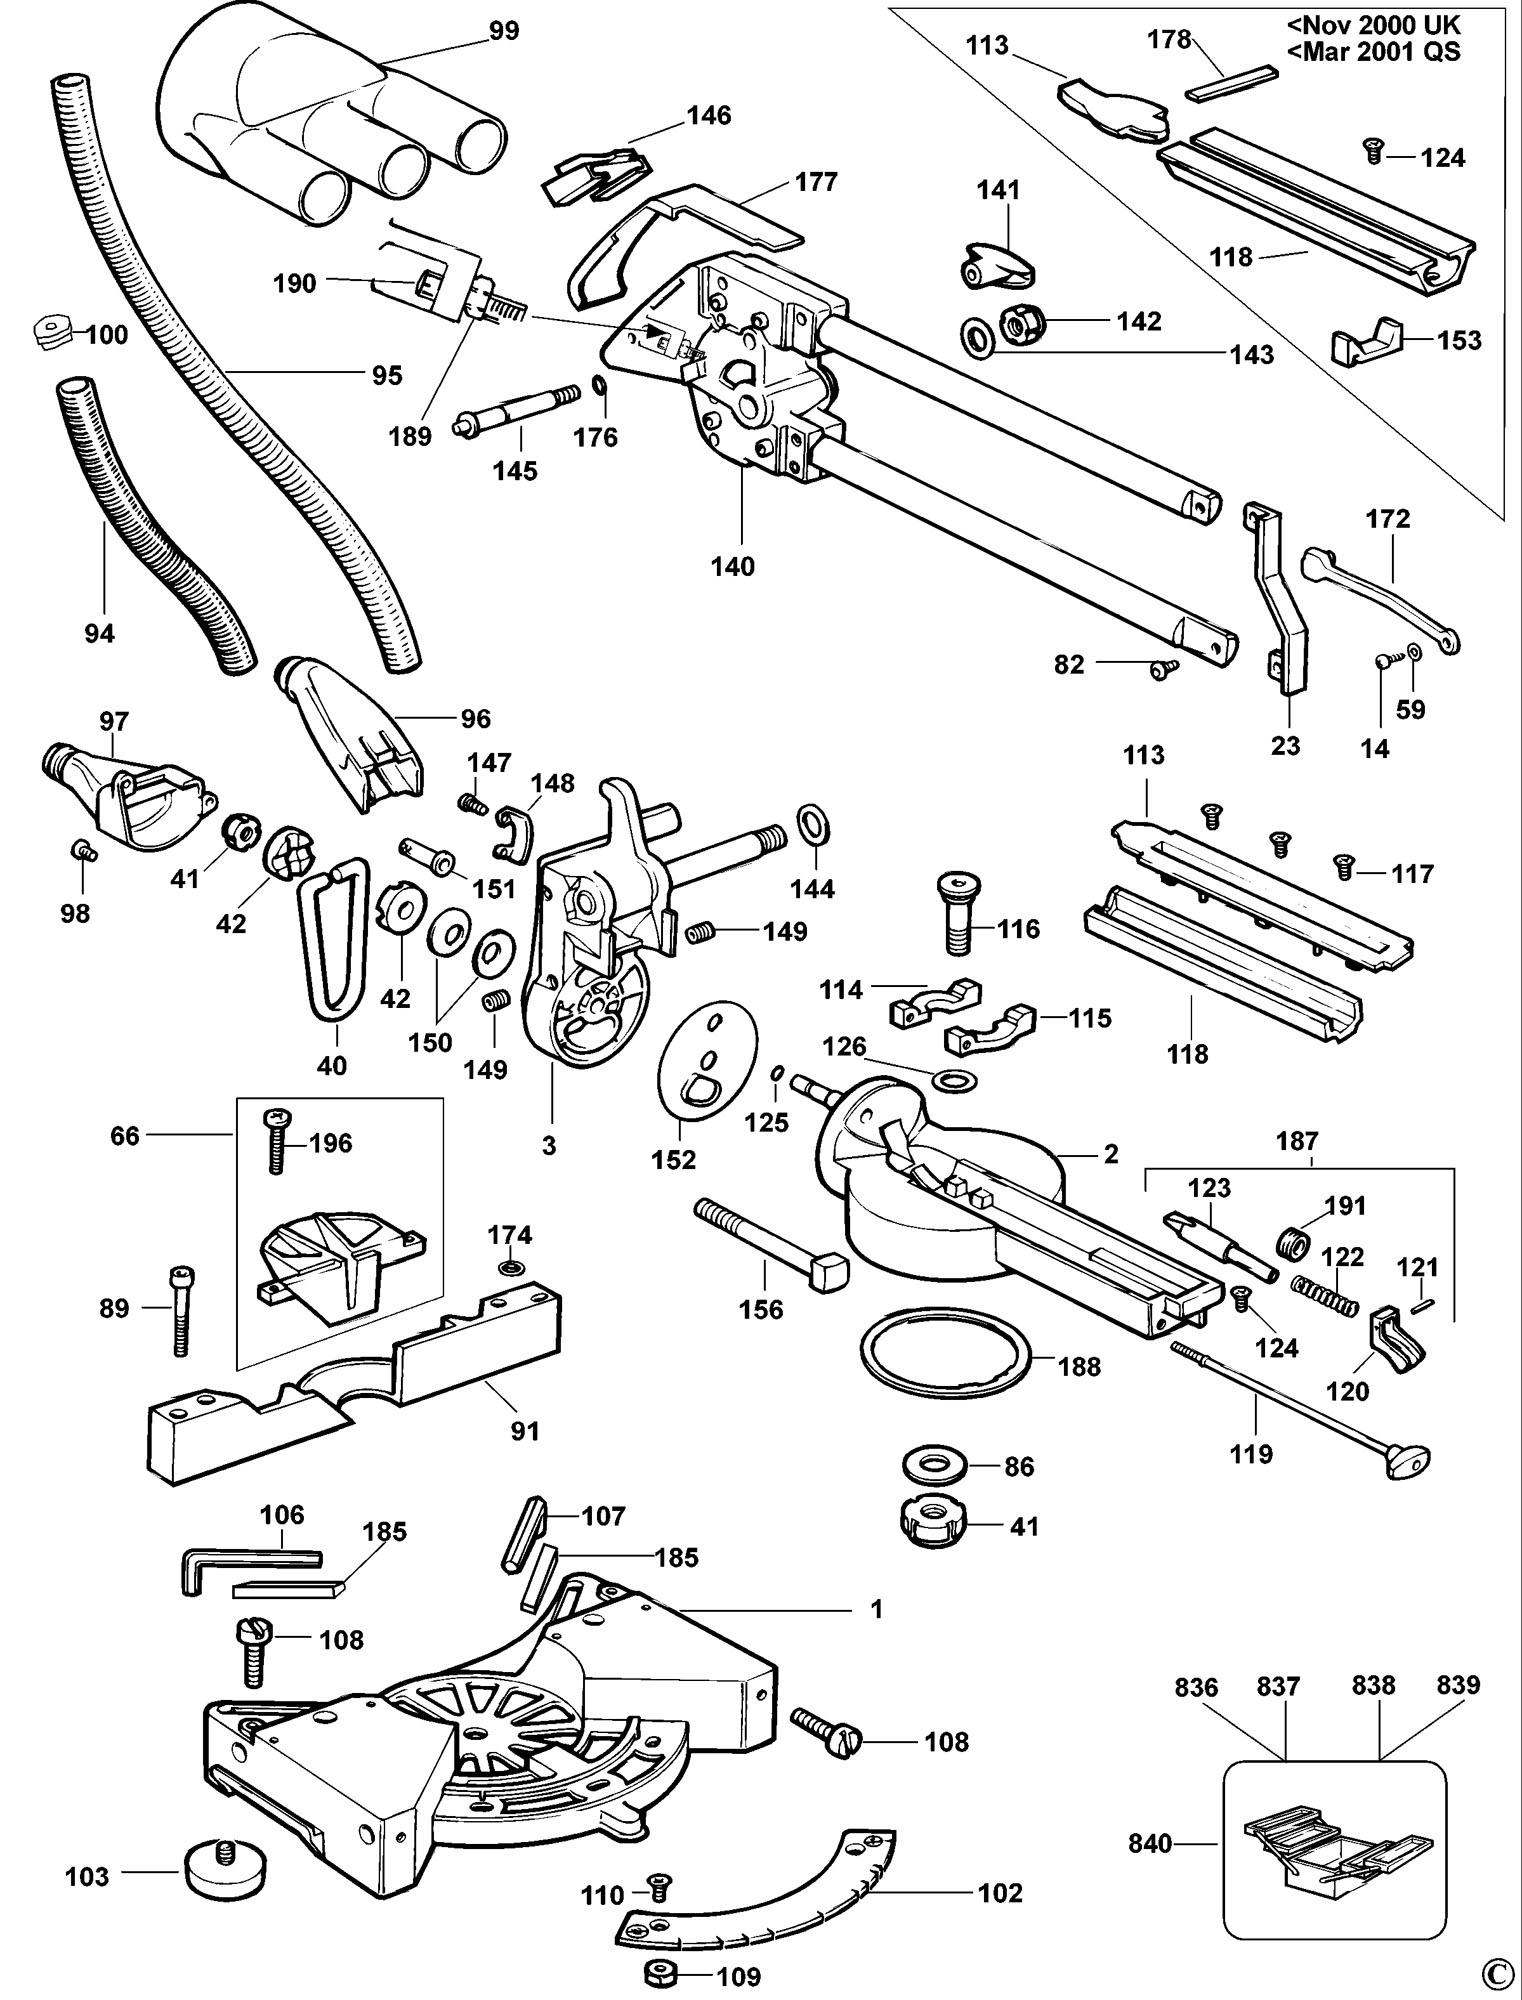 Spares for Dewalt Dw707 Mitre Saw (type 1) SPARE_DW707